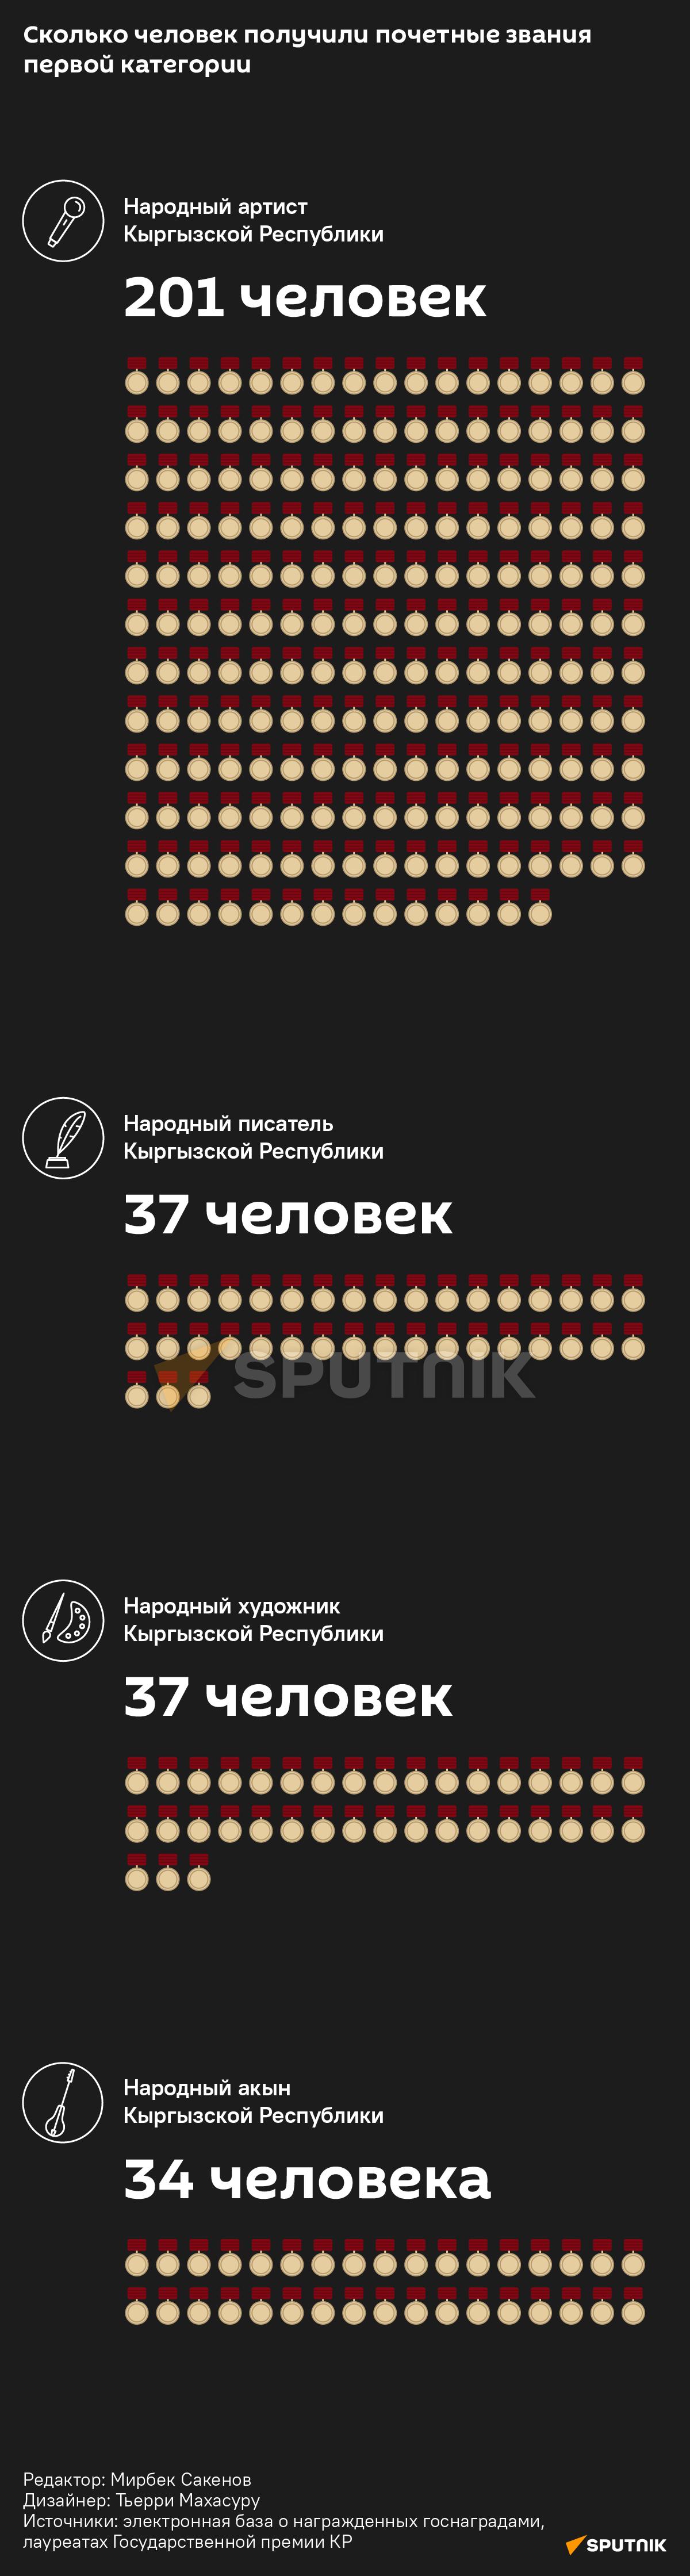 Сколько человек получили почетные звания  первой категории